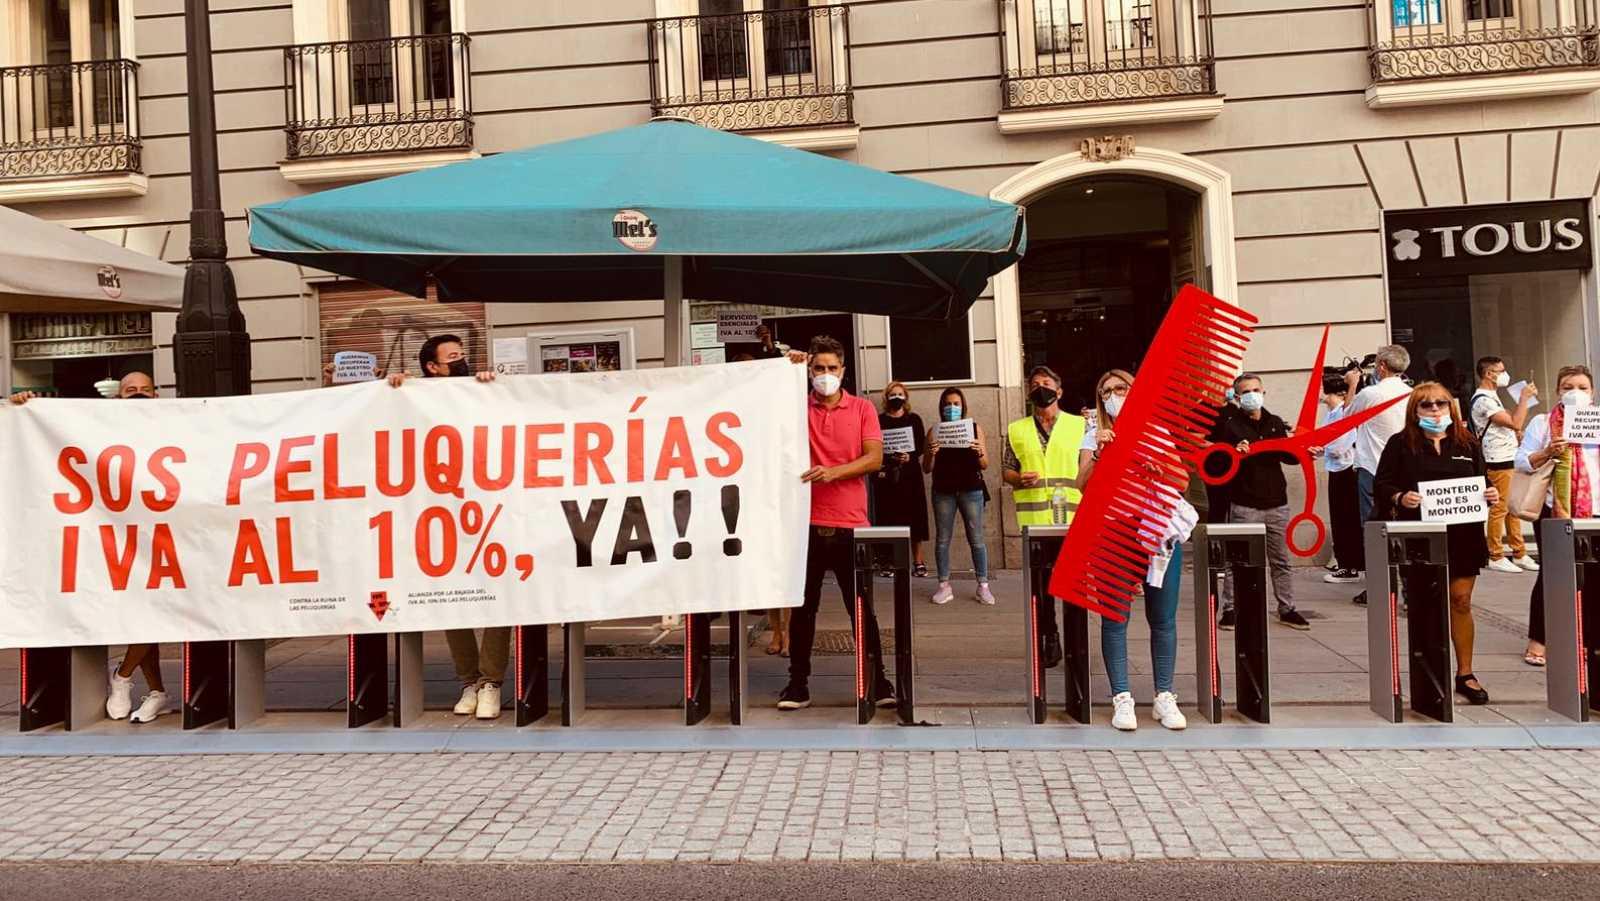 Imagen de archivo en la que aparecen manifestantes pidiendo la bajada del IVA a las peluquerías.